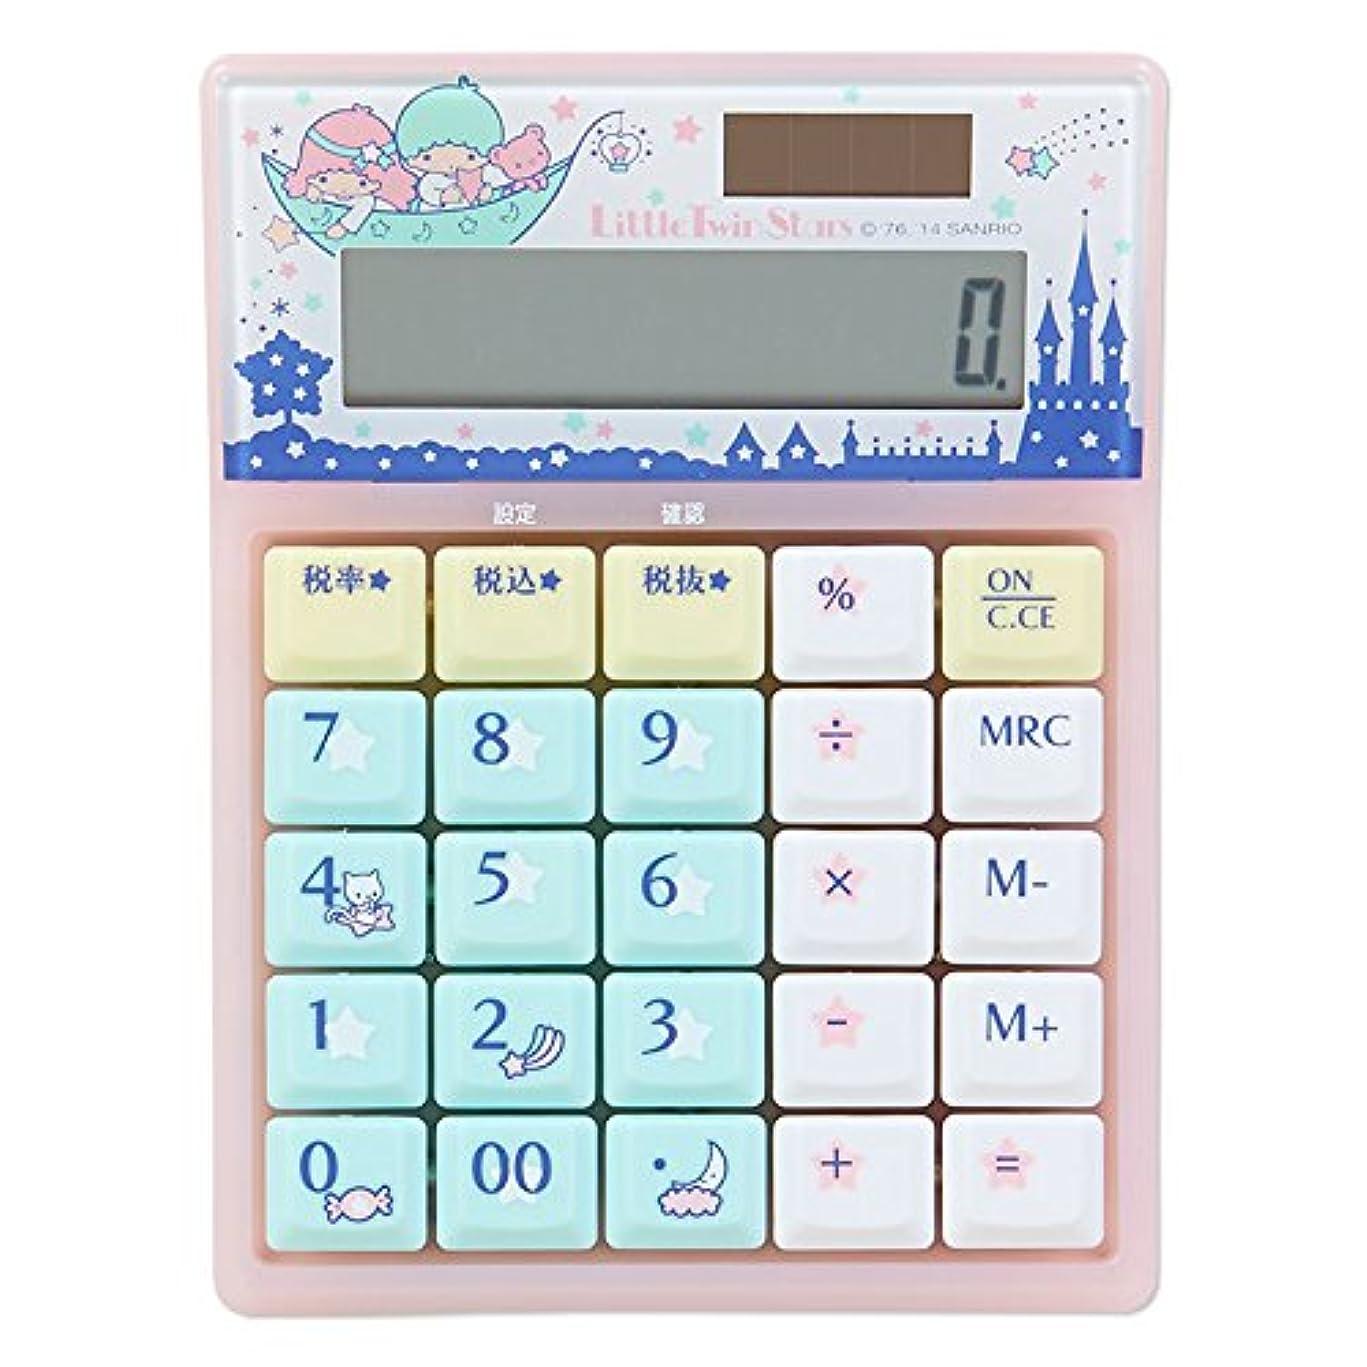 範囲コート対角線GENTOS(ジェントス) 高性能デザイン電卓 ポケットサイズ 8桁表示 アンドゥ?リドゥ機能搭載モデル シルバー UR-001